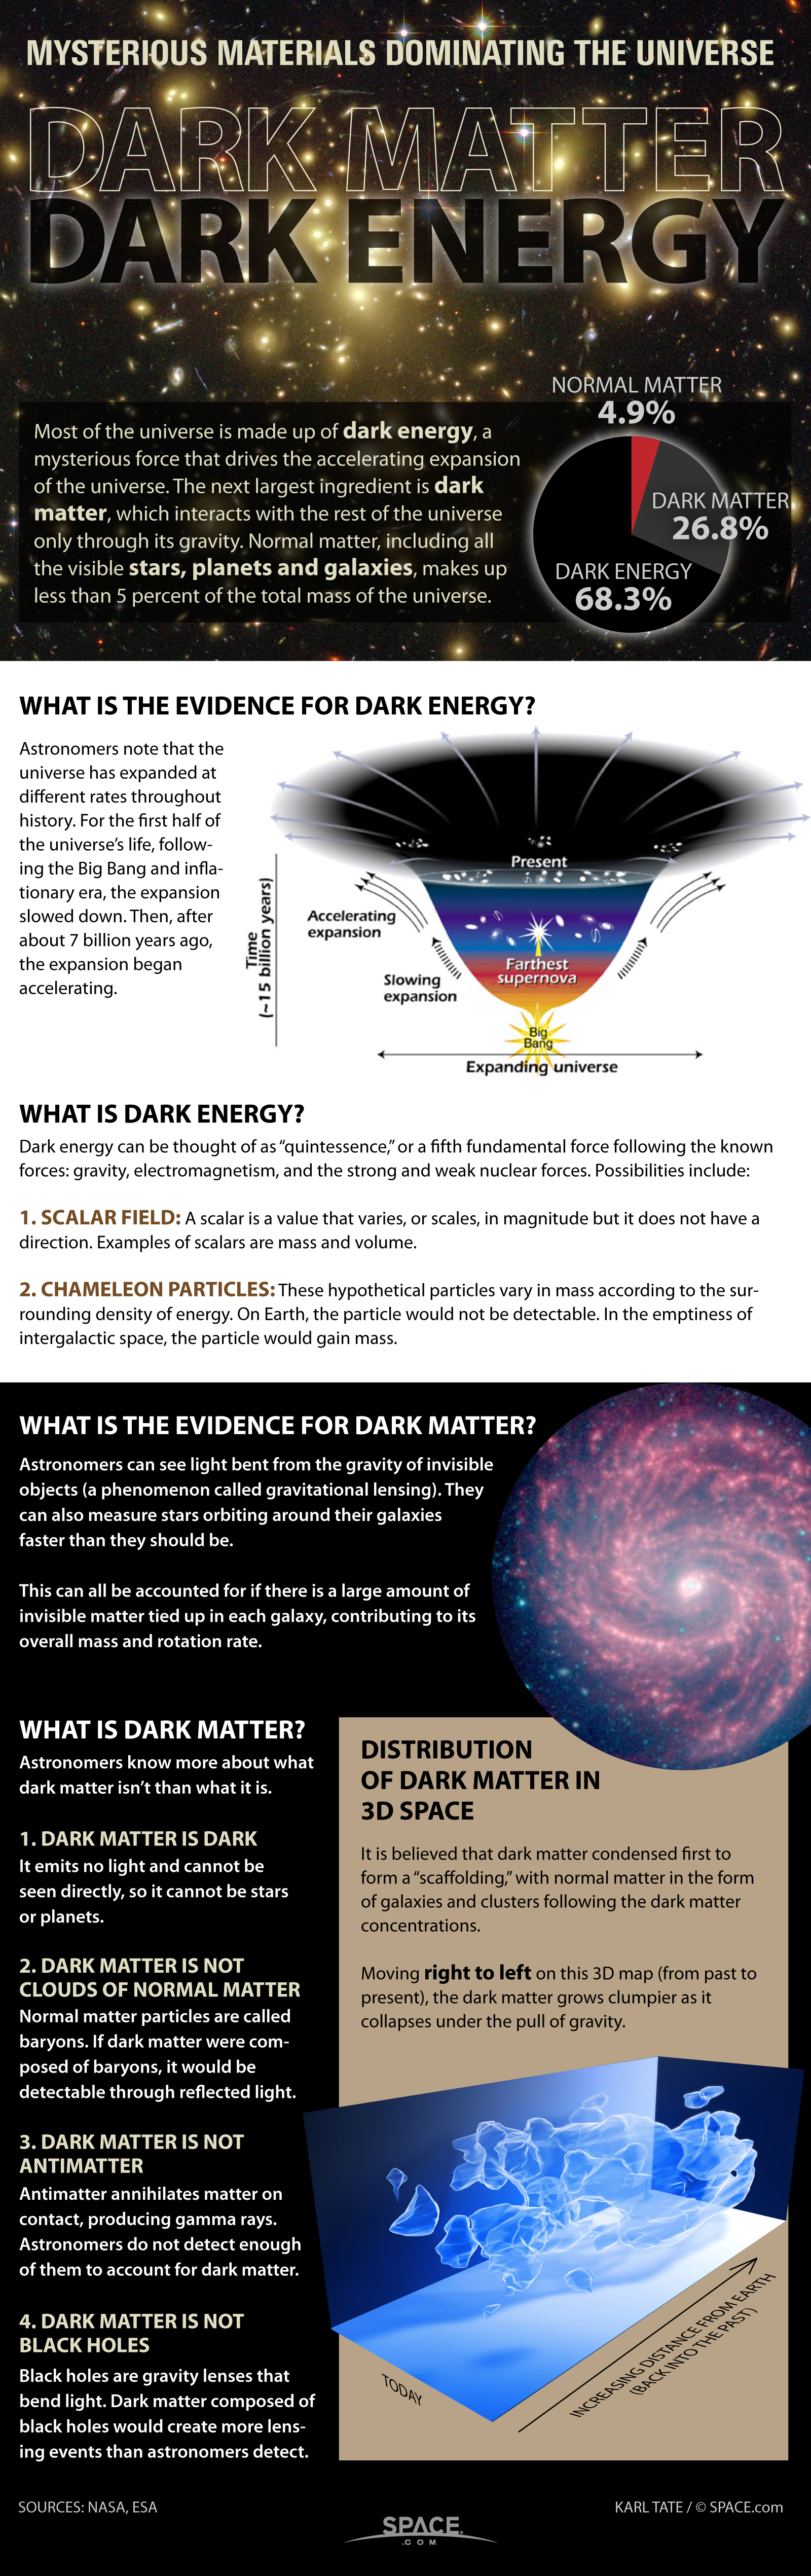 dark-matter-what-is-it-